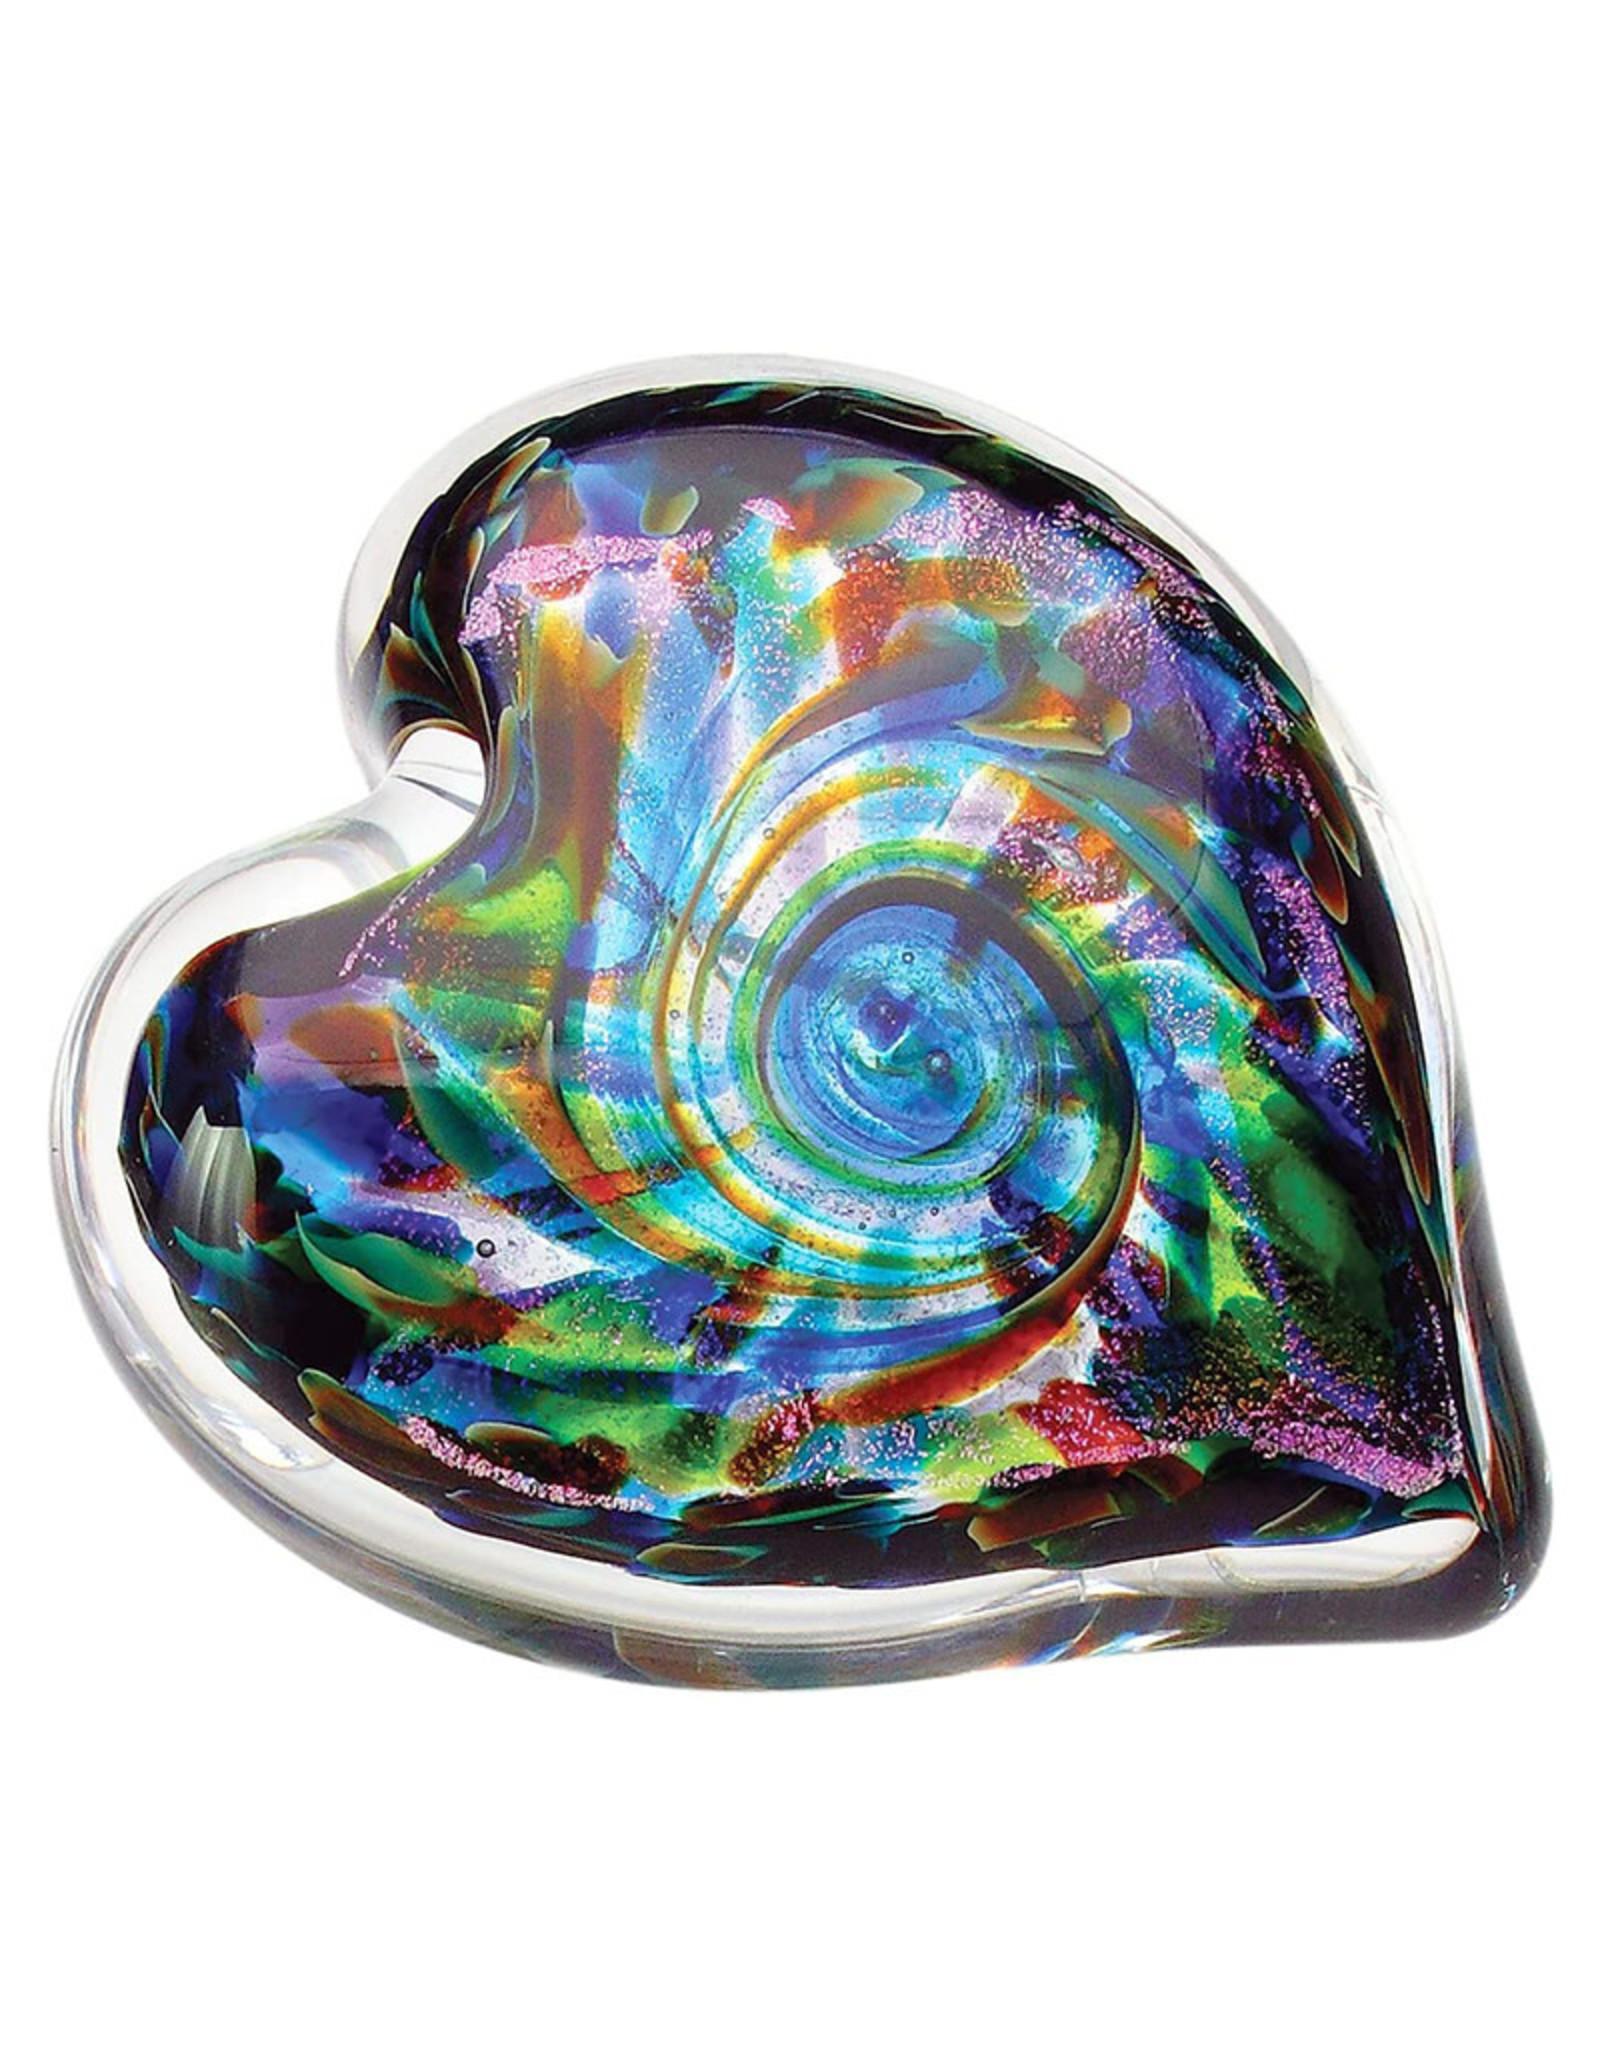 GLASS EYE ANNIVERSARY HEART PAPERWEIGHT